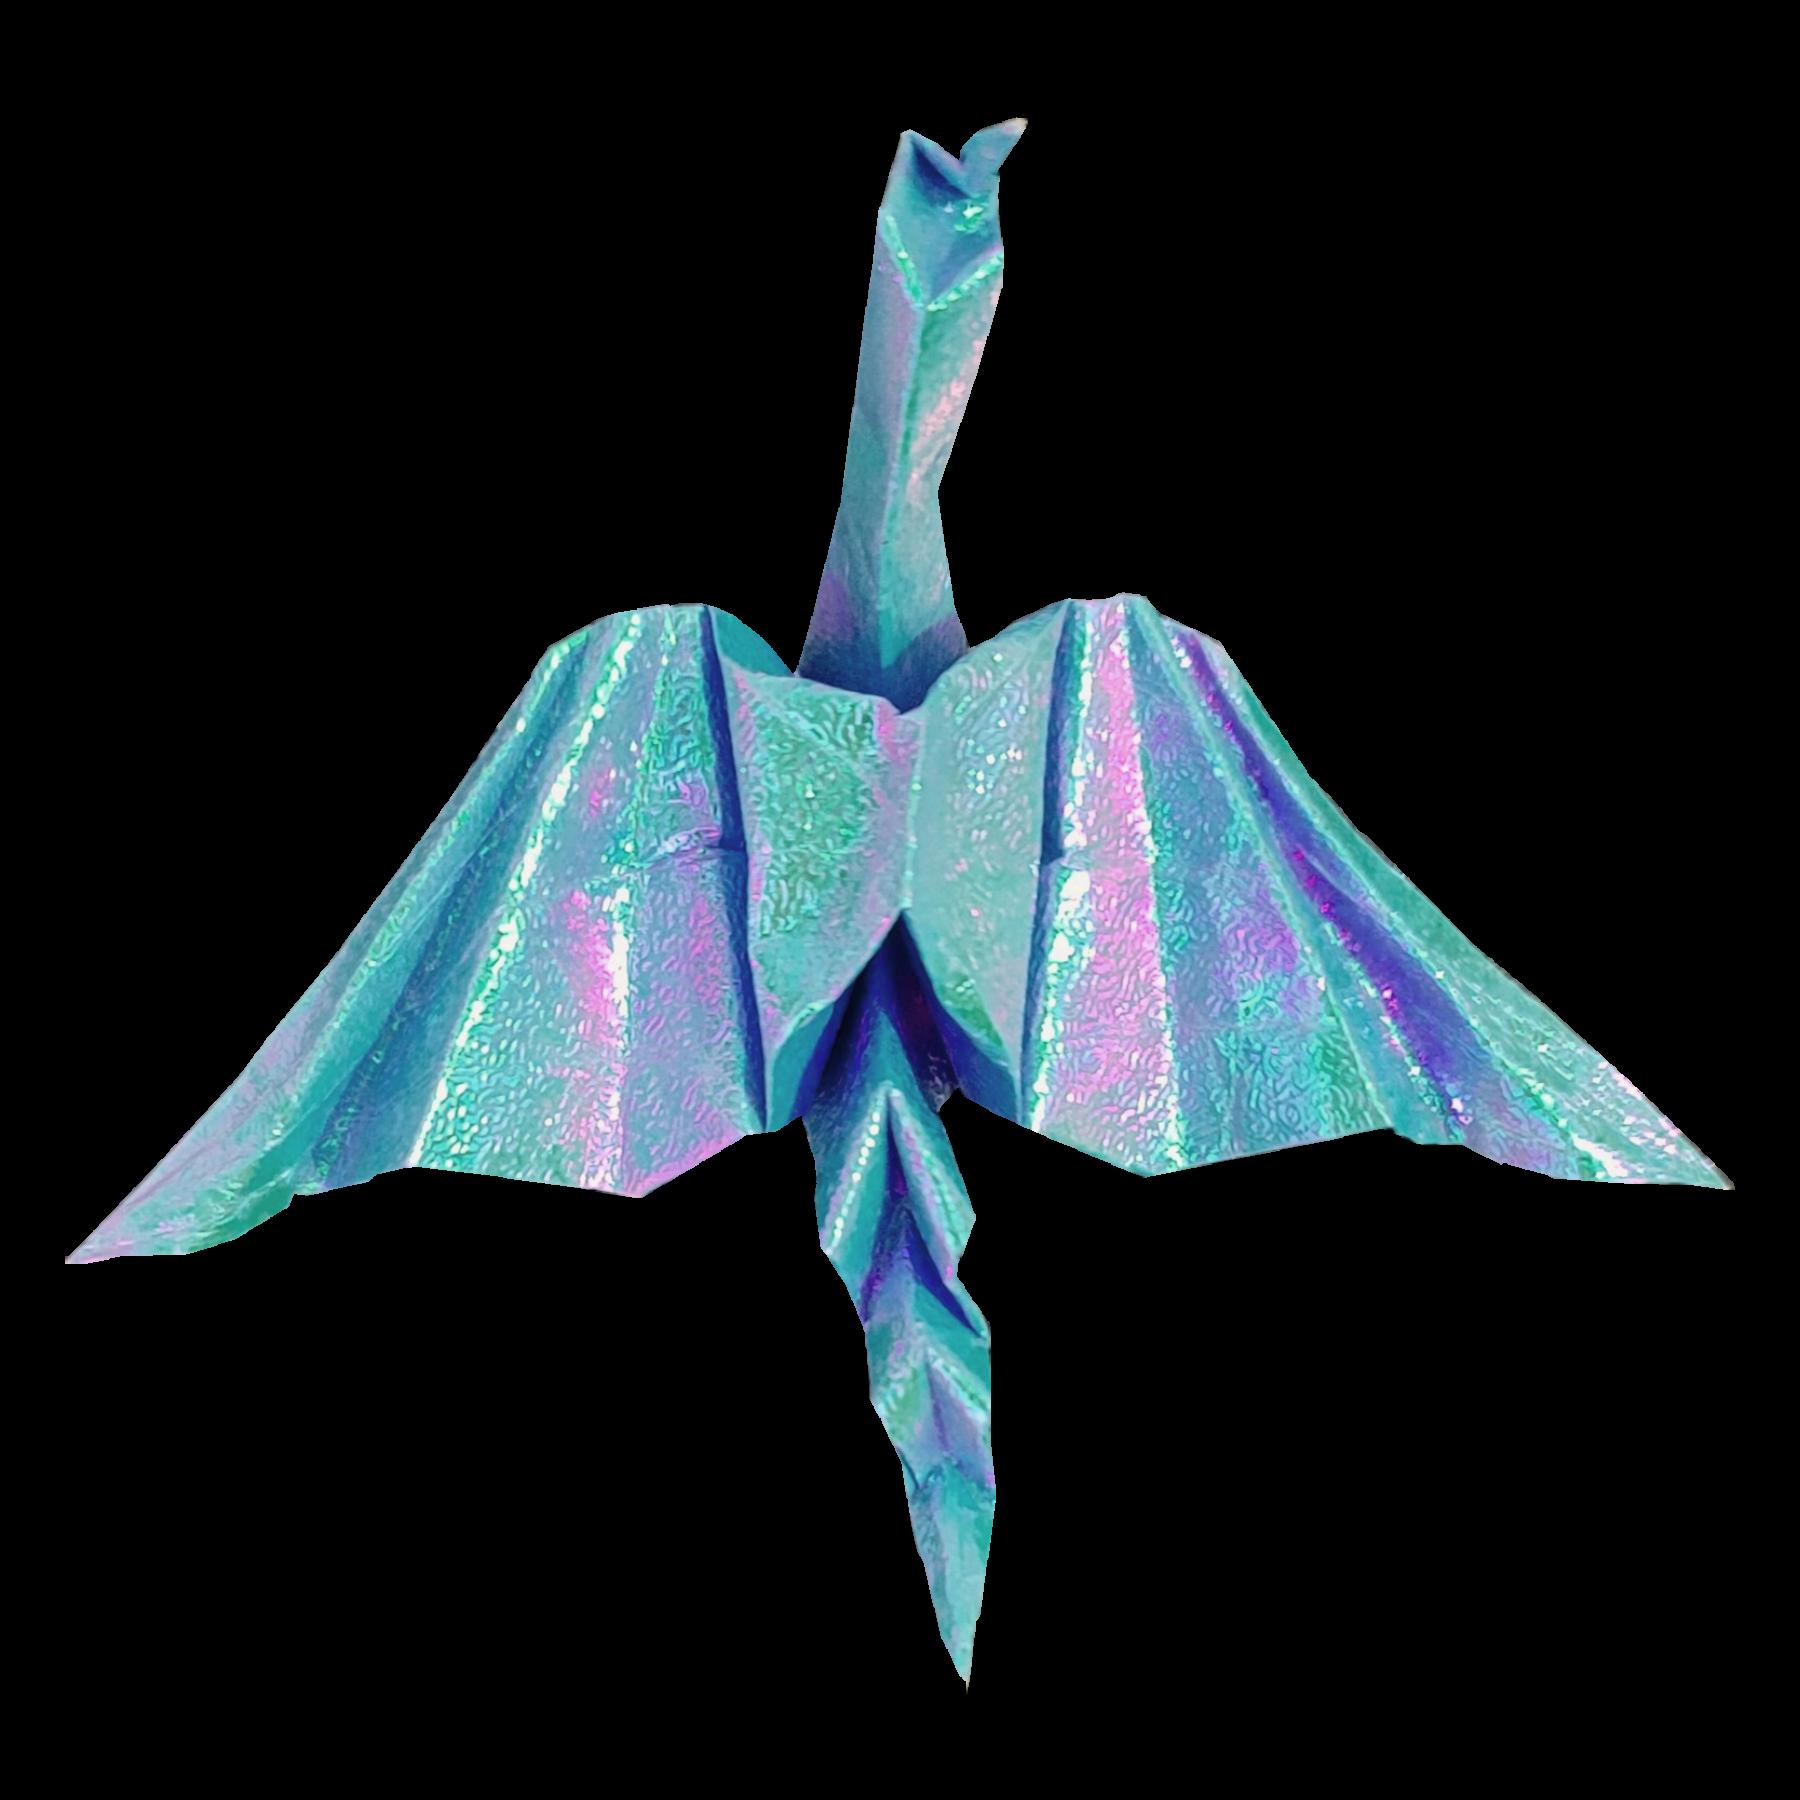 Blue Dragon, Top Down View